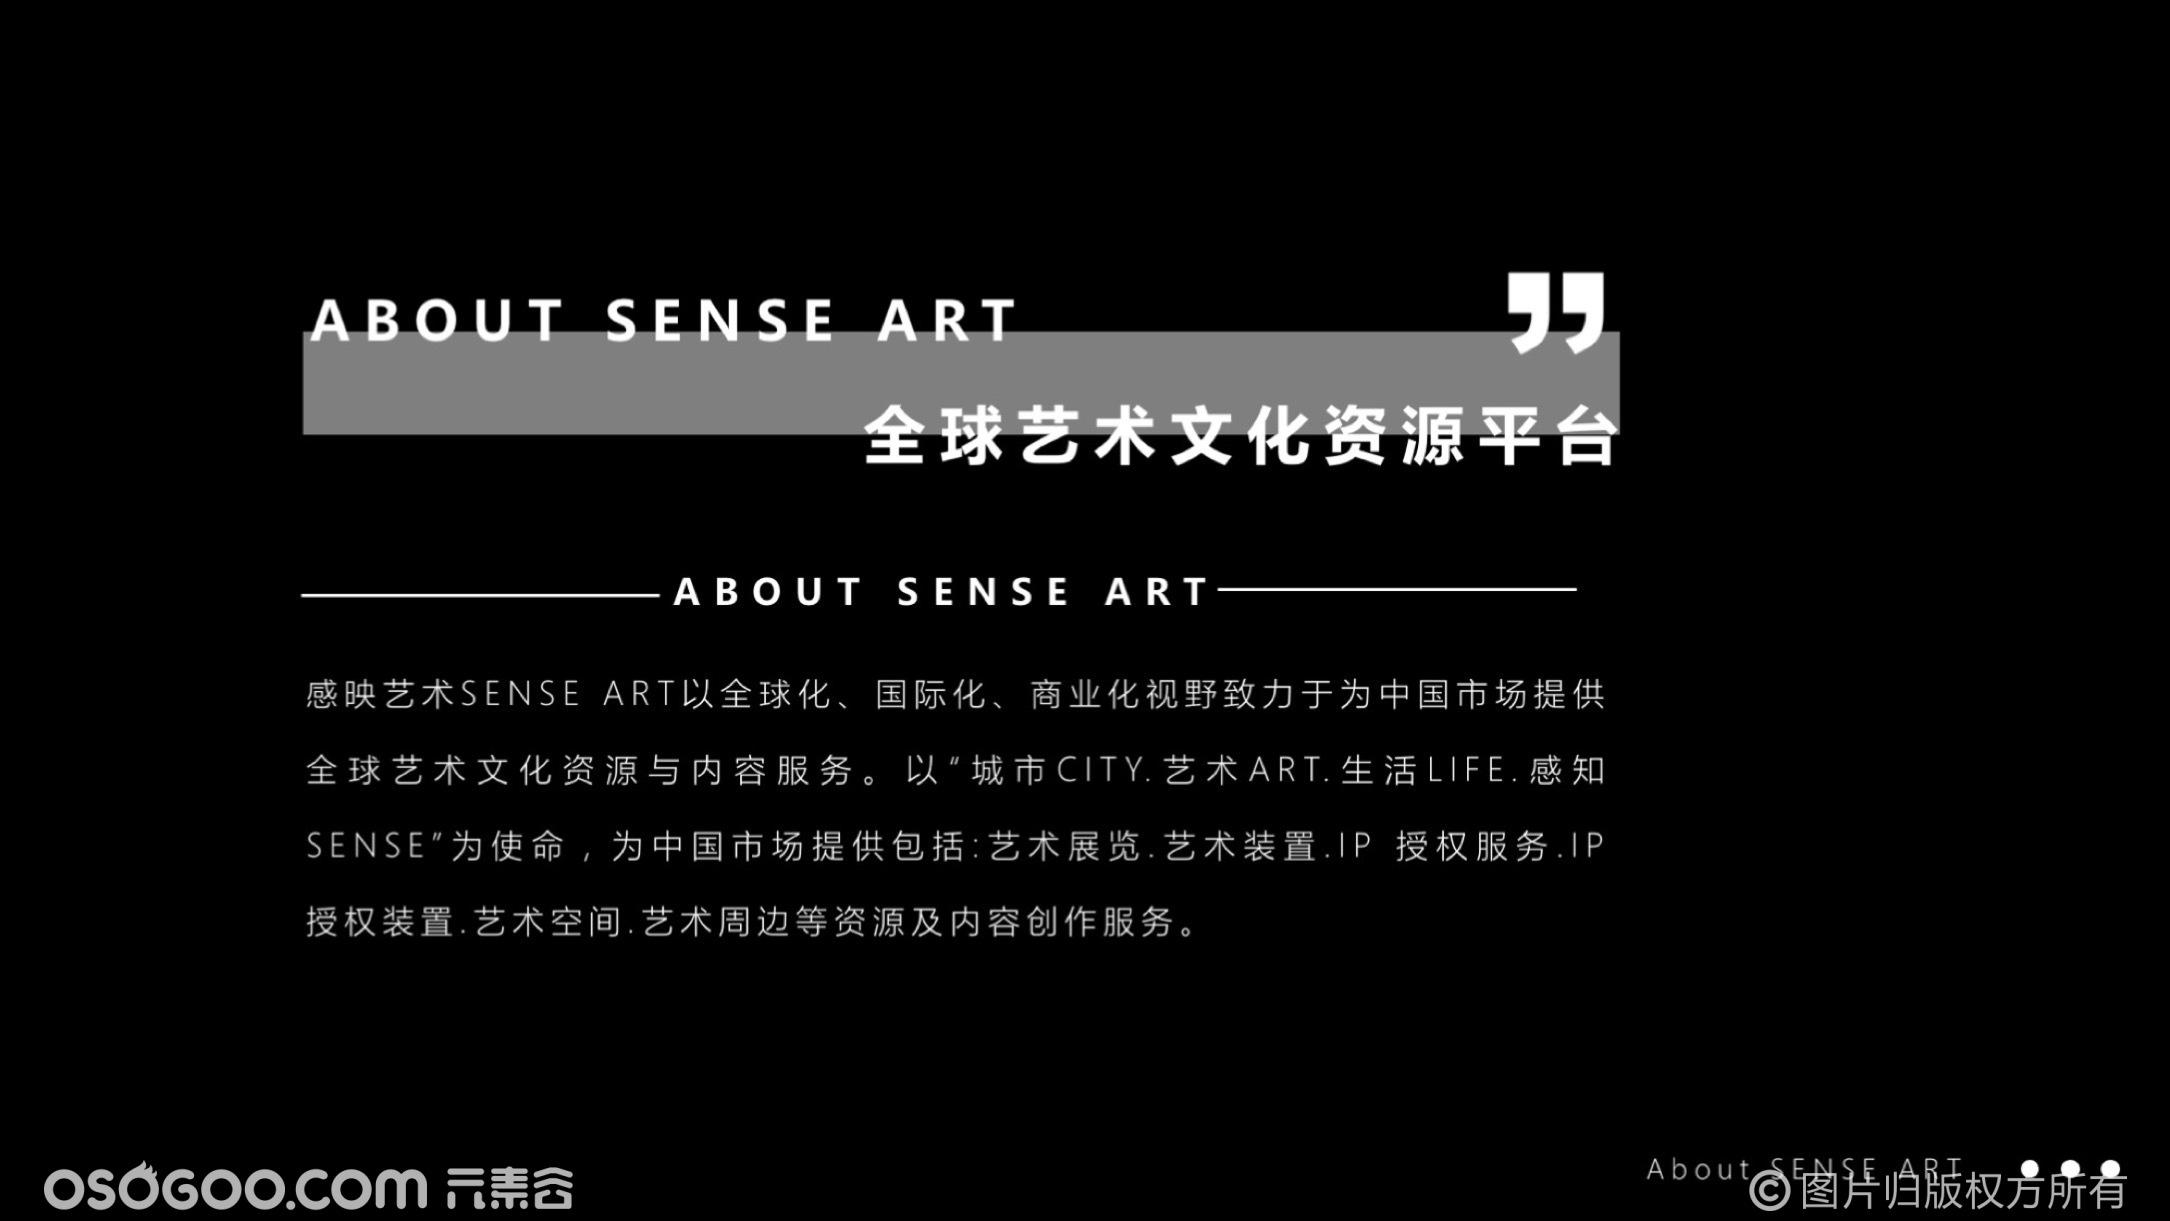 【百年风潮】时尚博物馆-感映艺术 出品